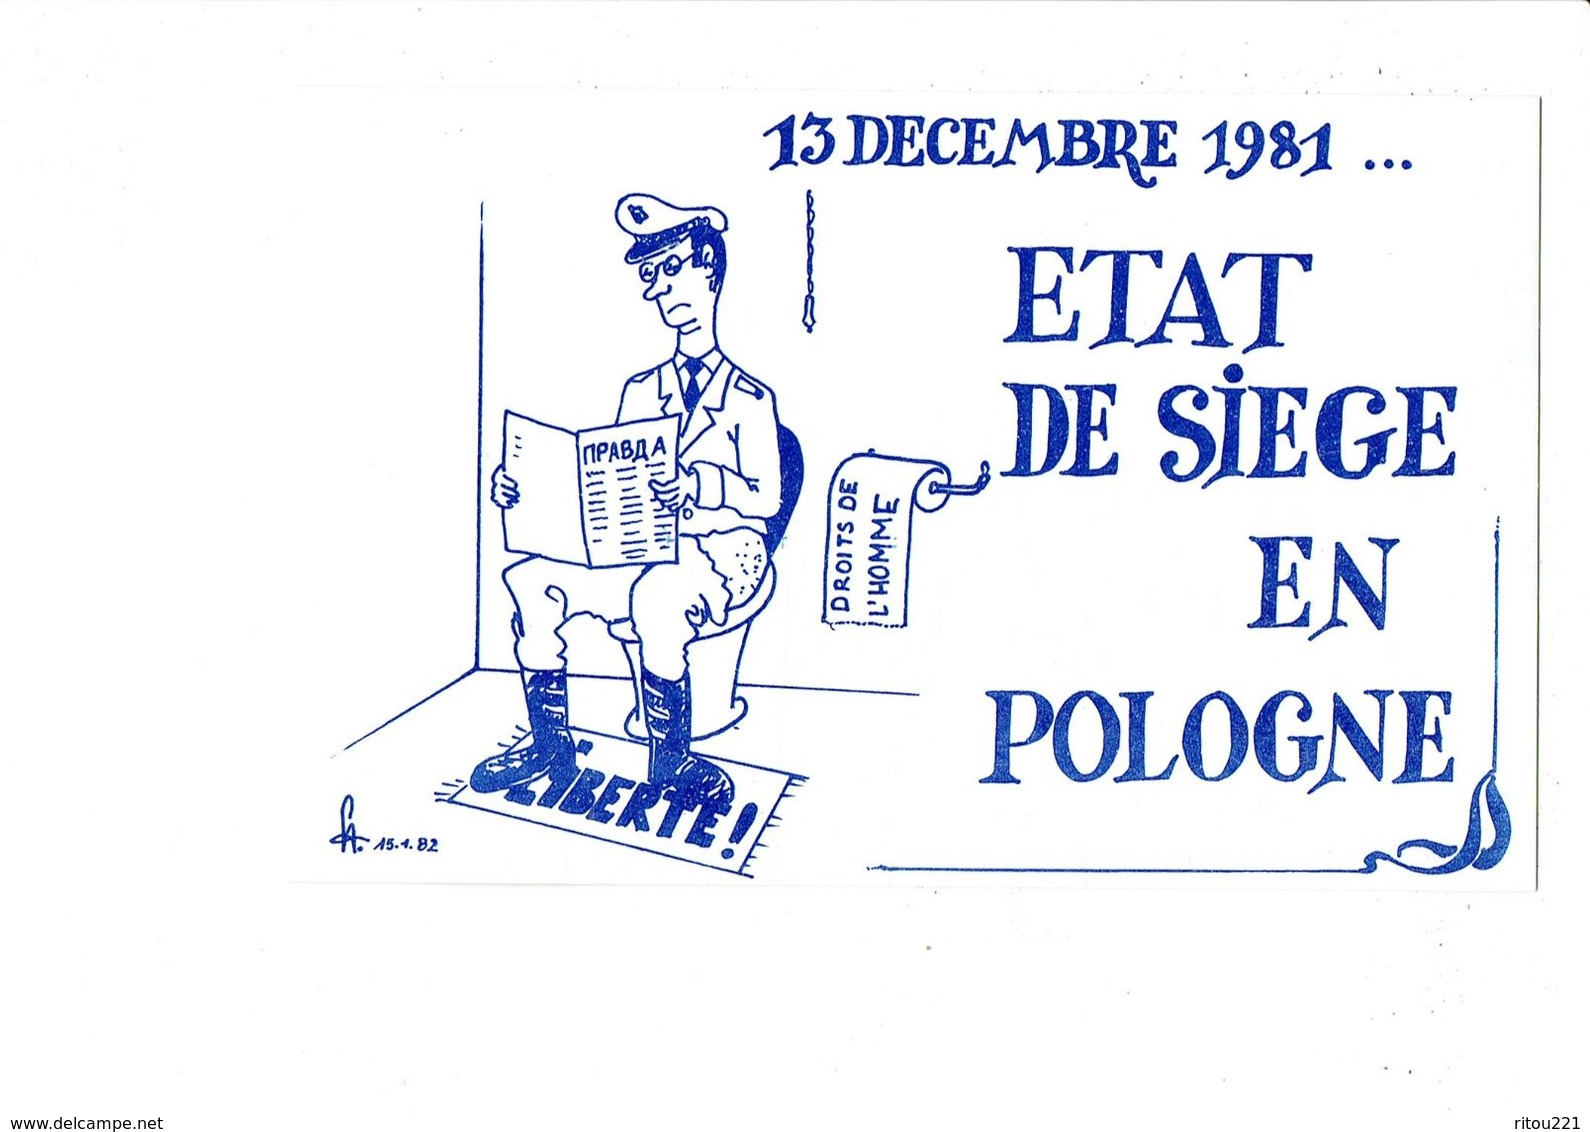 Illustration Carte Politique - 13 Décembre 1981 - Etat De Siège En POLOGNE - Caricature HOMME SUR Wc Liberté - Satiriques